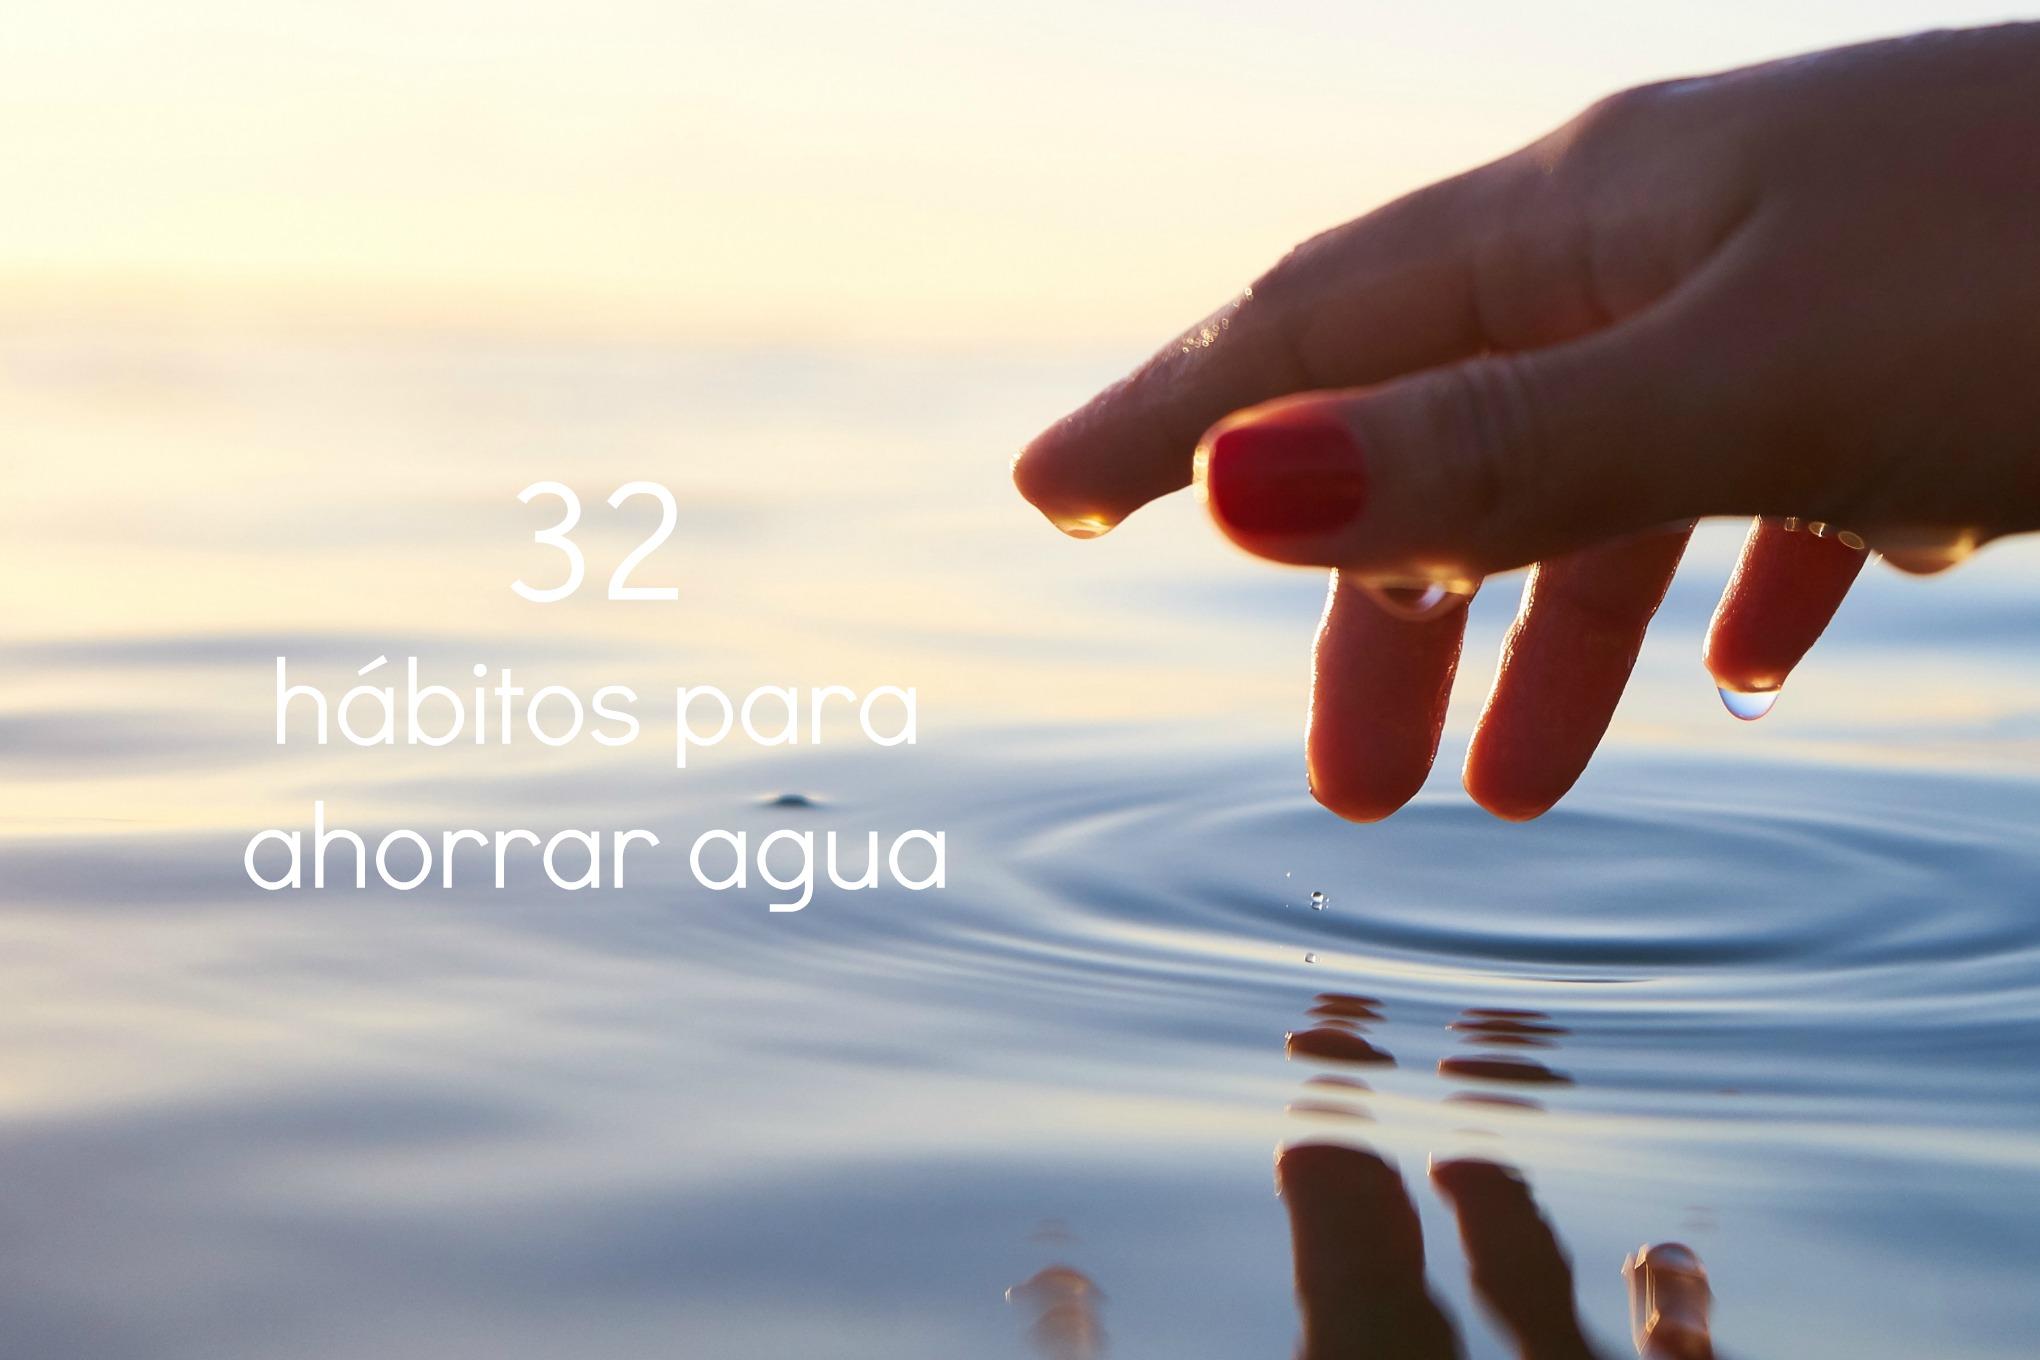 32 hábitos para ahorrar agua